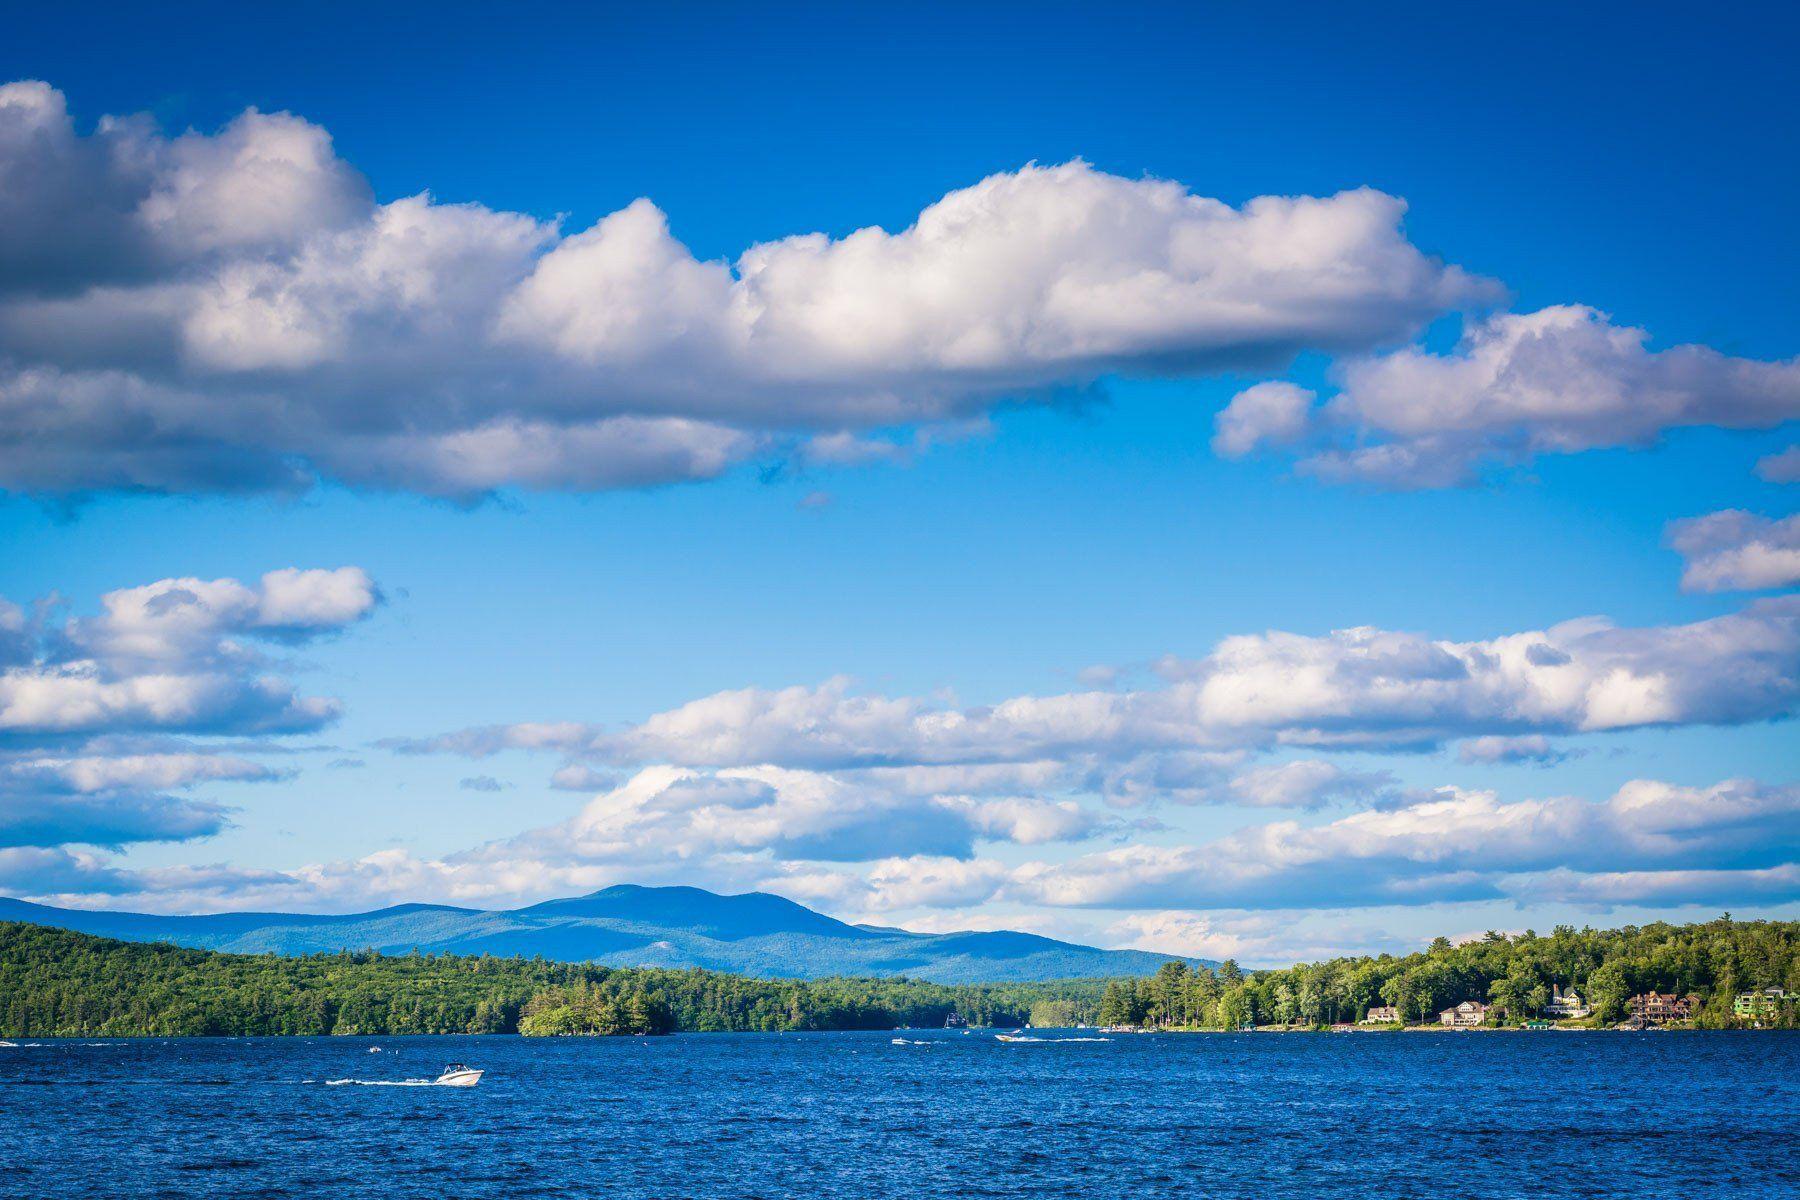 Mountain Ranges And Lake Winnipesaukee In Weirs Beach Laconia New Hampshire Lake Winnipesaukee Winnipesaukee Laconia